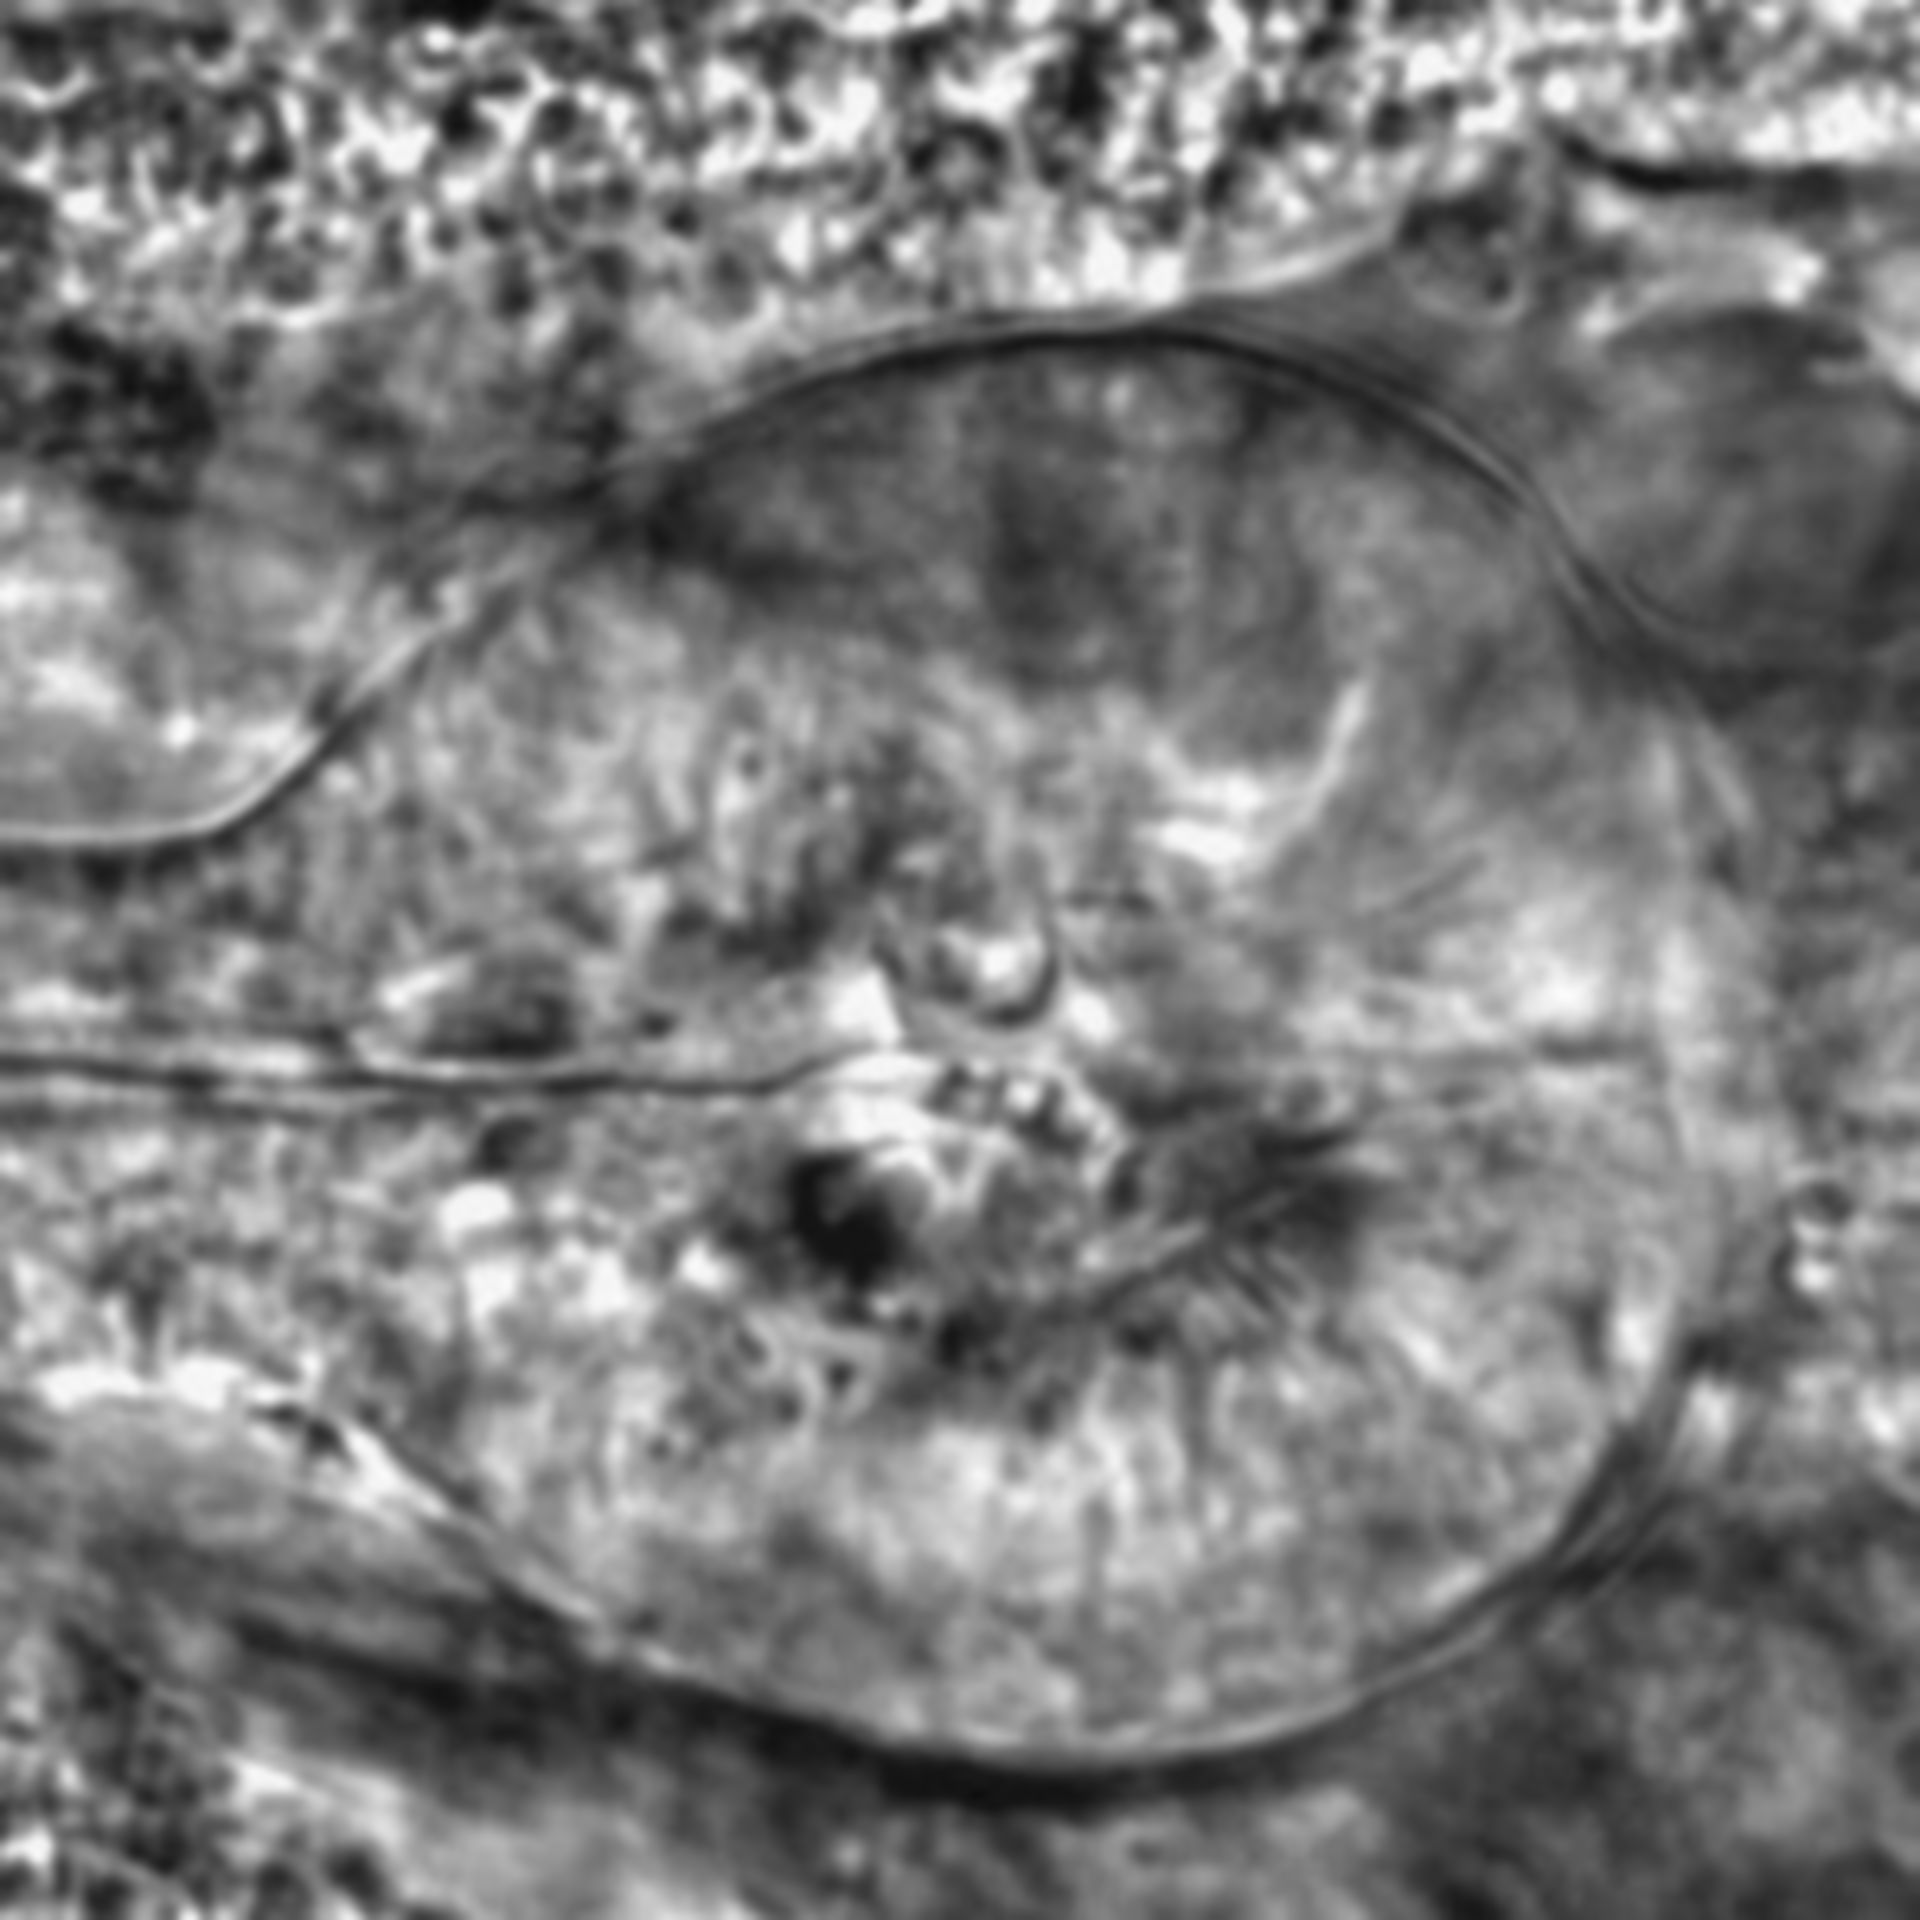 Caenorhabditis elegans - CIL:2713